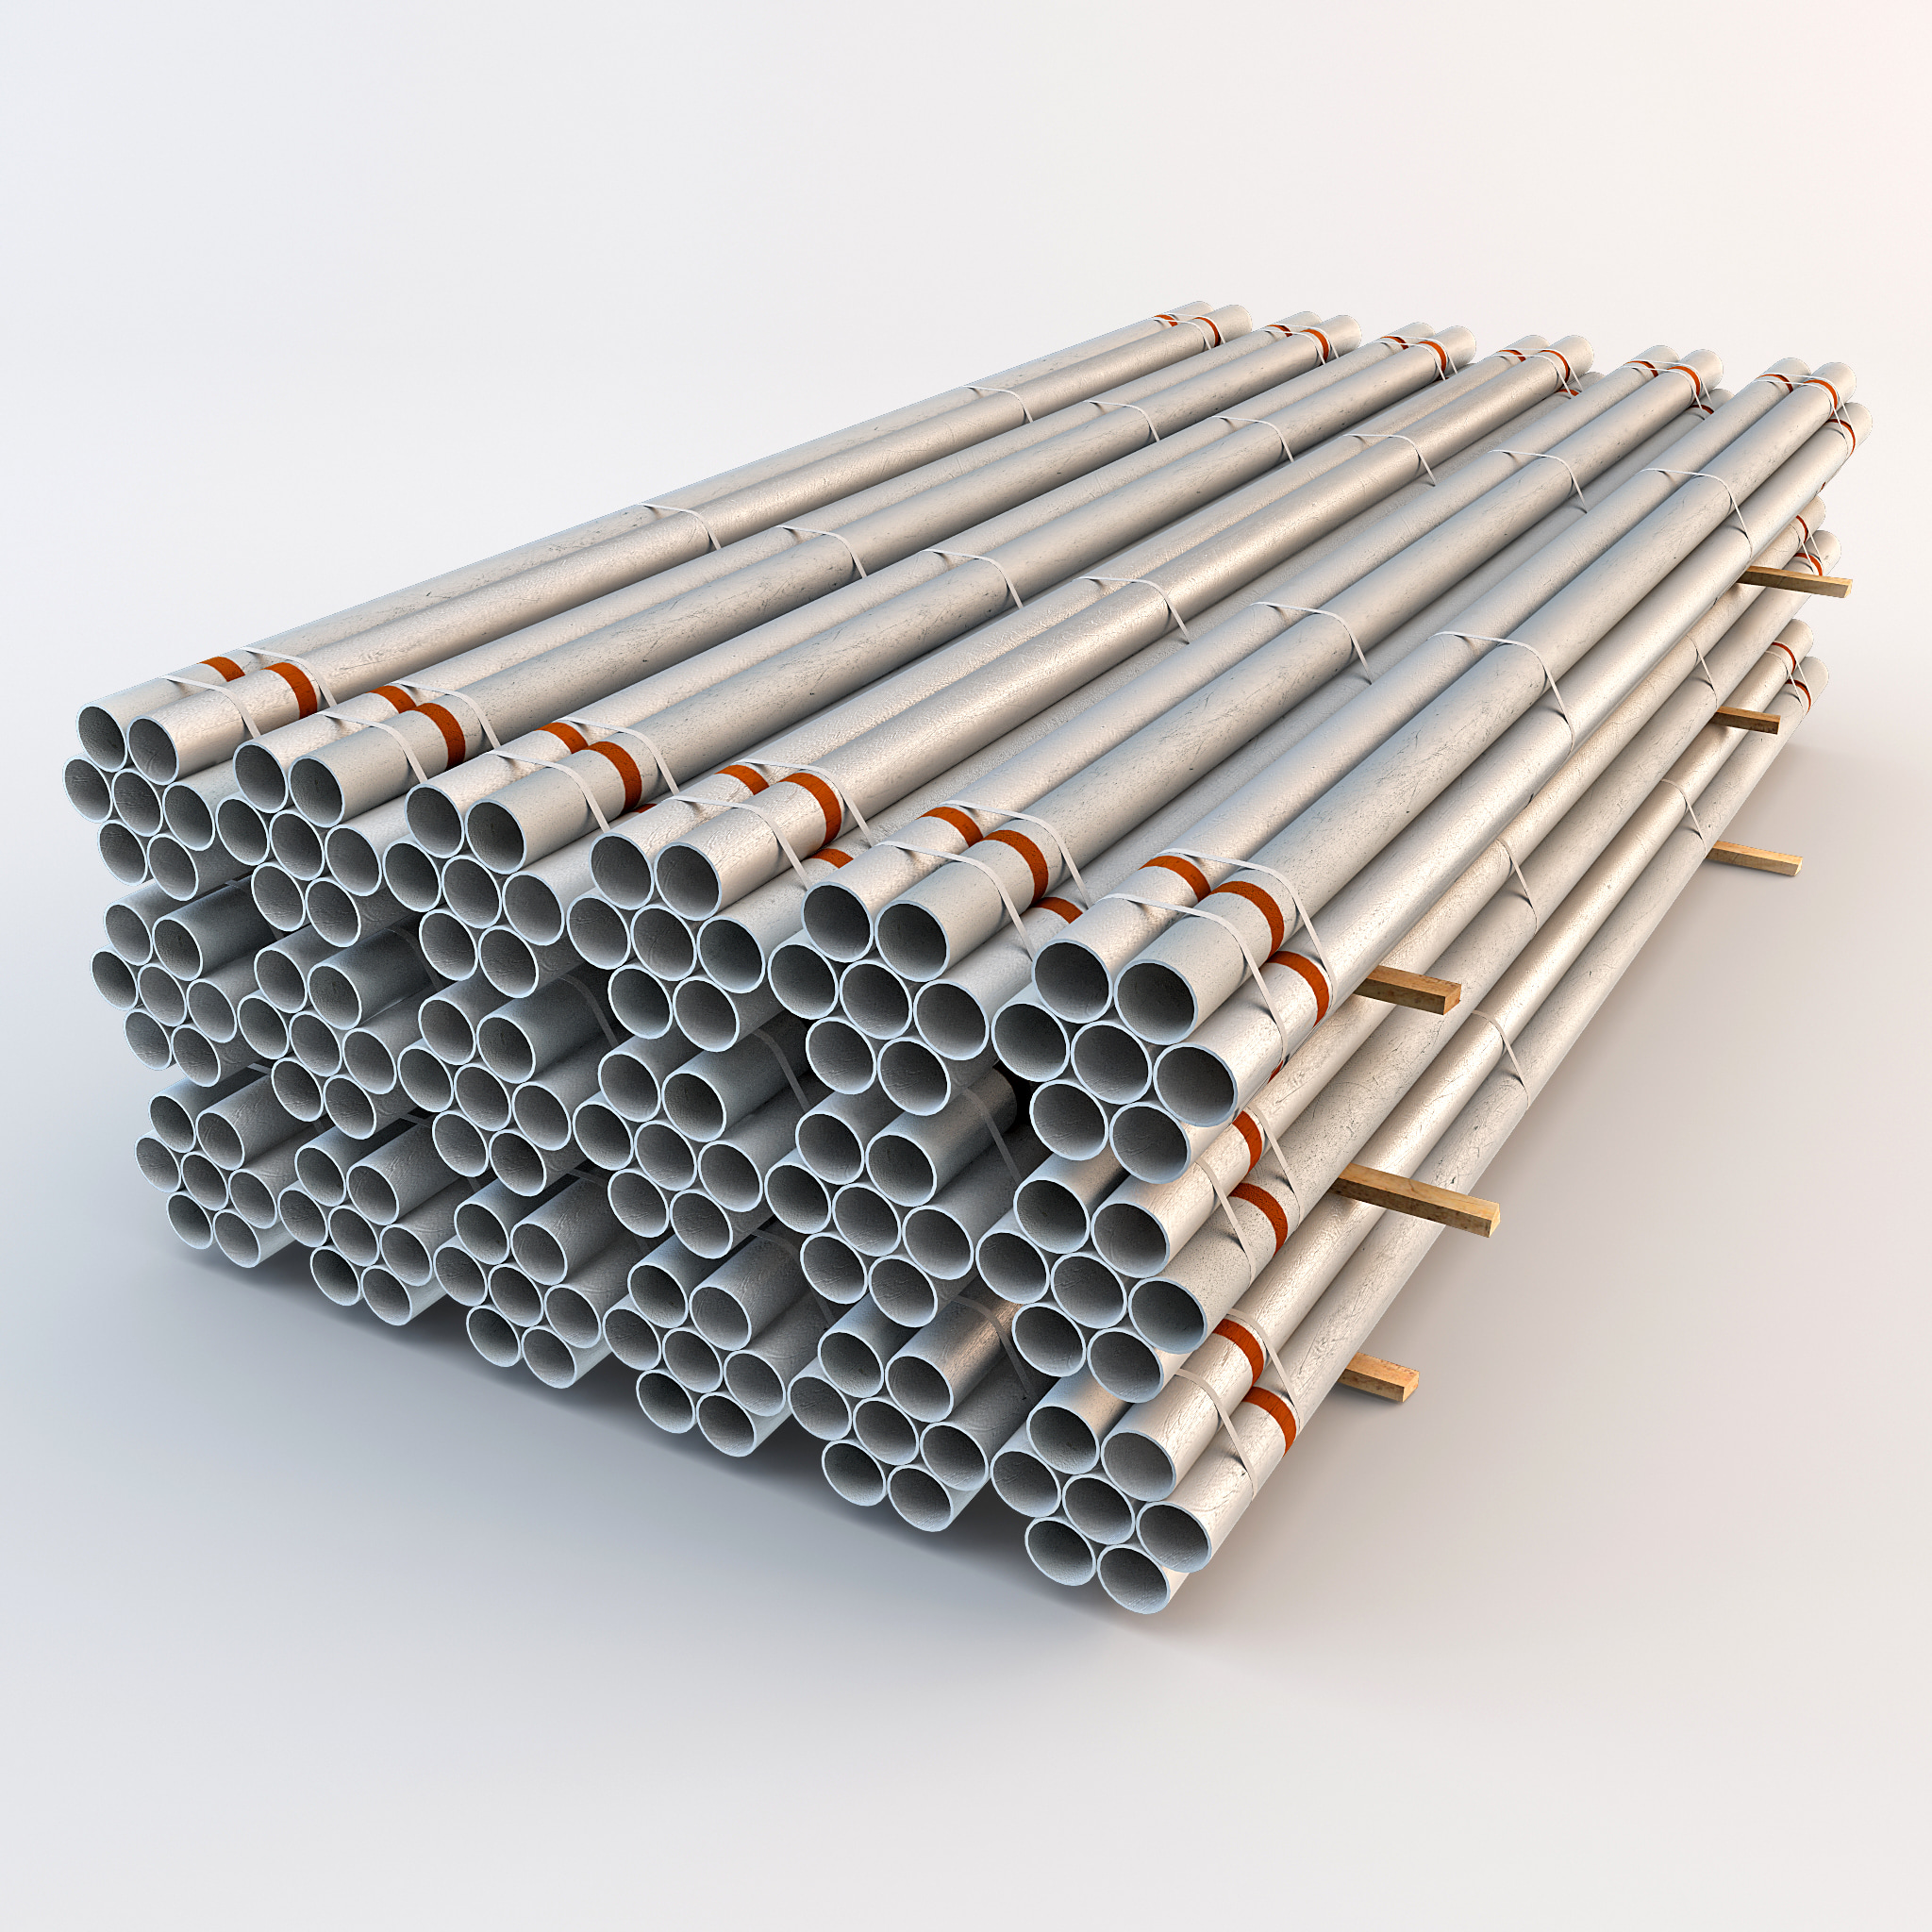 273144_Seamless_Steel_Pipe_0001.jpg